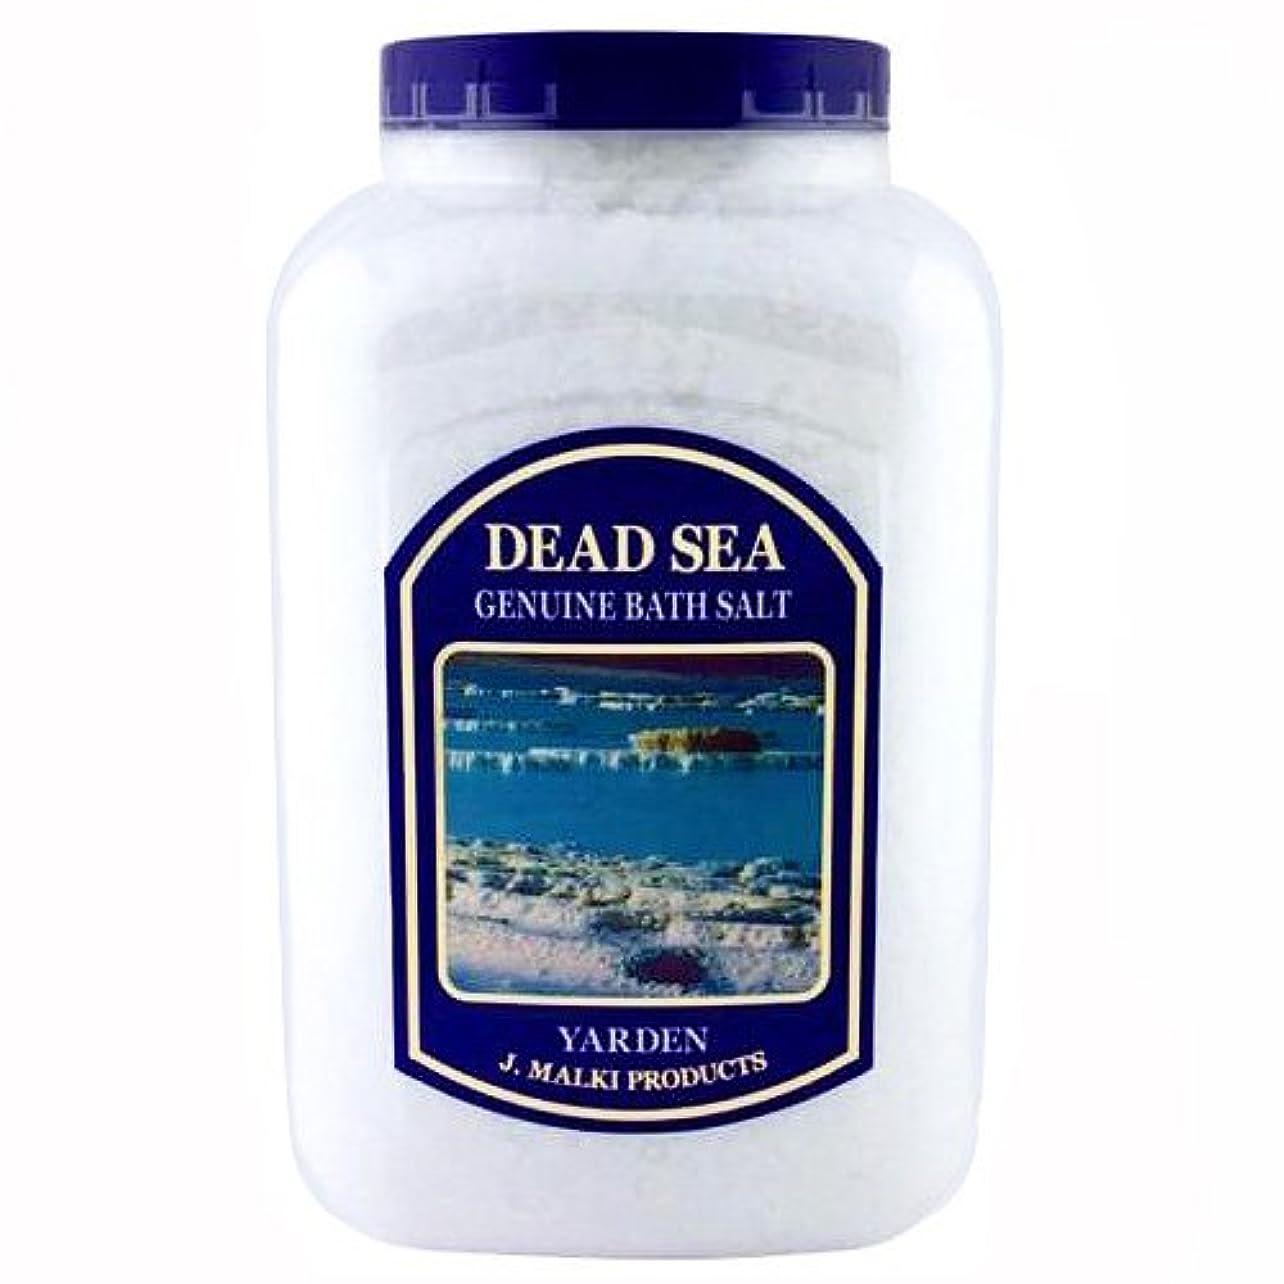 限界実装する次デッドシー?バスソルト 4.5kg(約45回分)【DEAD SEA BATH SALT】死海の塩/入浴剤(入浴用化粧品)【正規販売店】